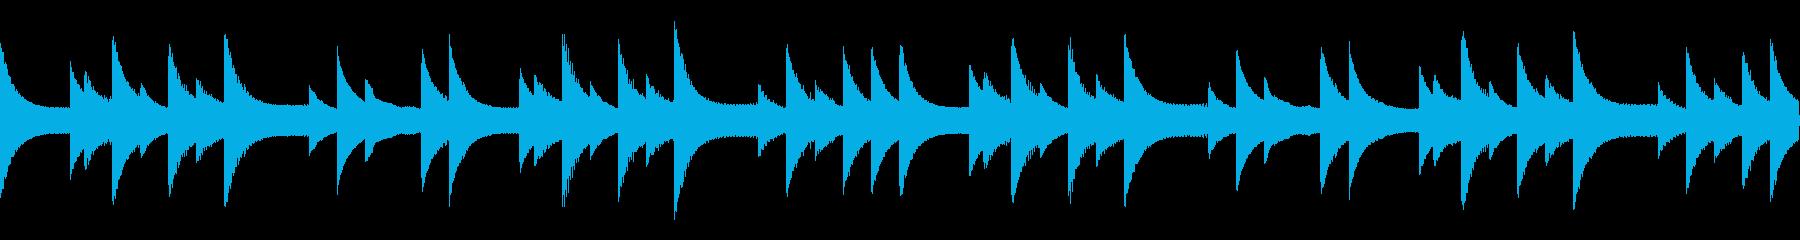 最初の村特有の切ないゲームBGMの再生済みの波形